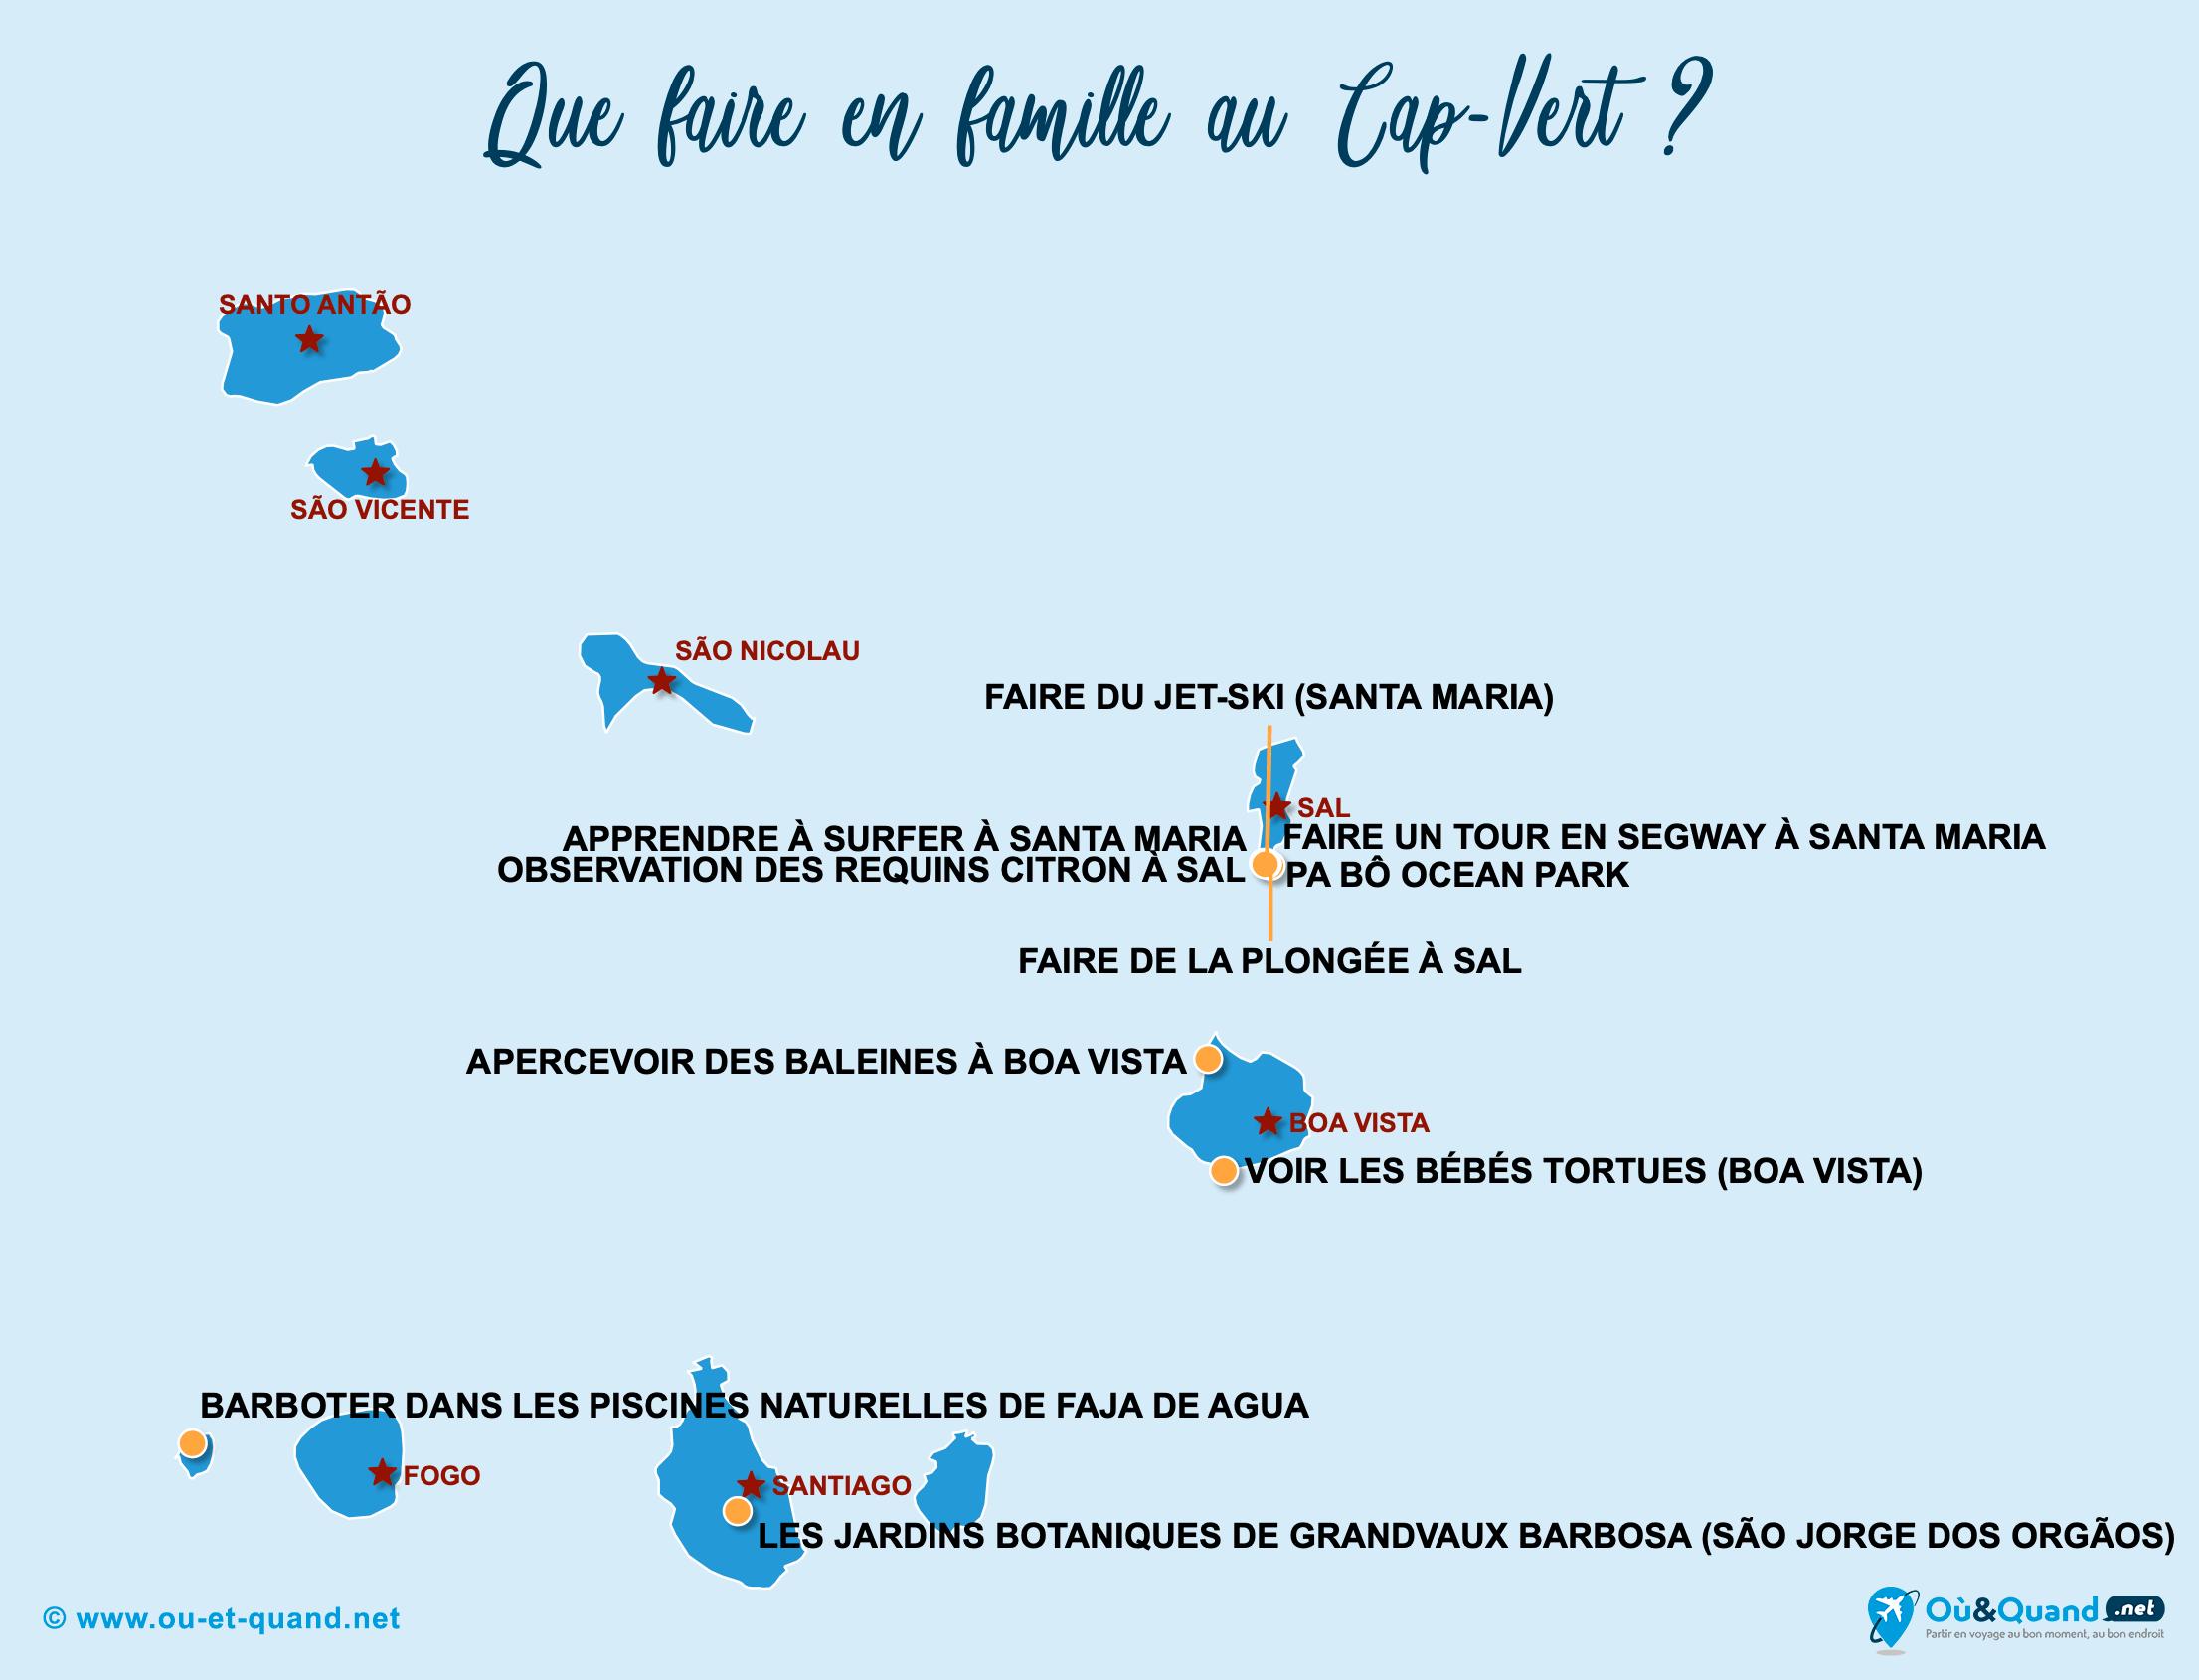 Carte Cap-Vert : Le Cap-Vert en famille